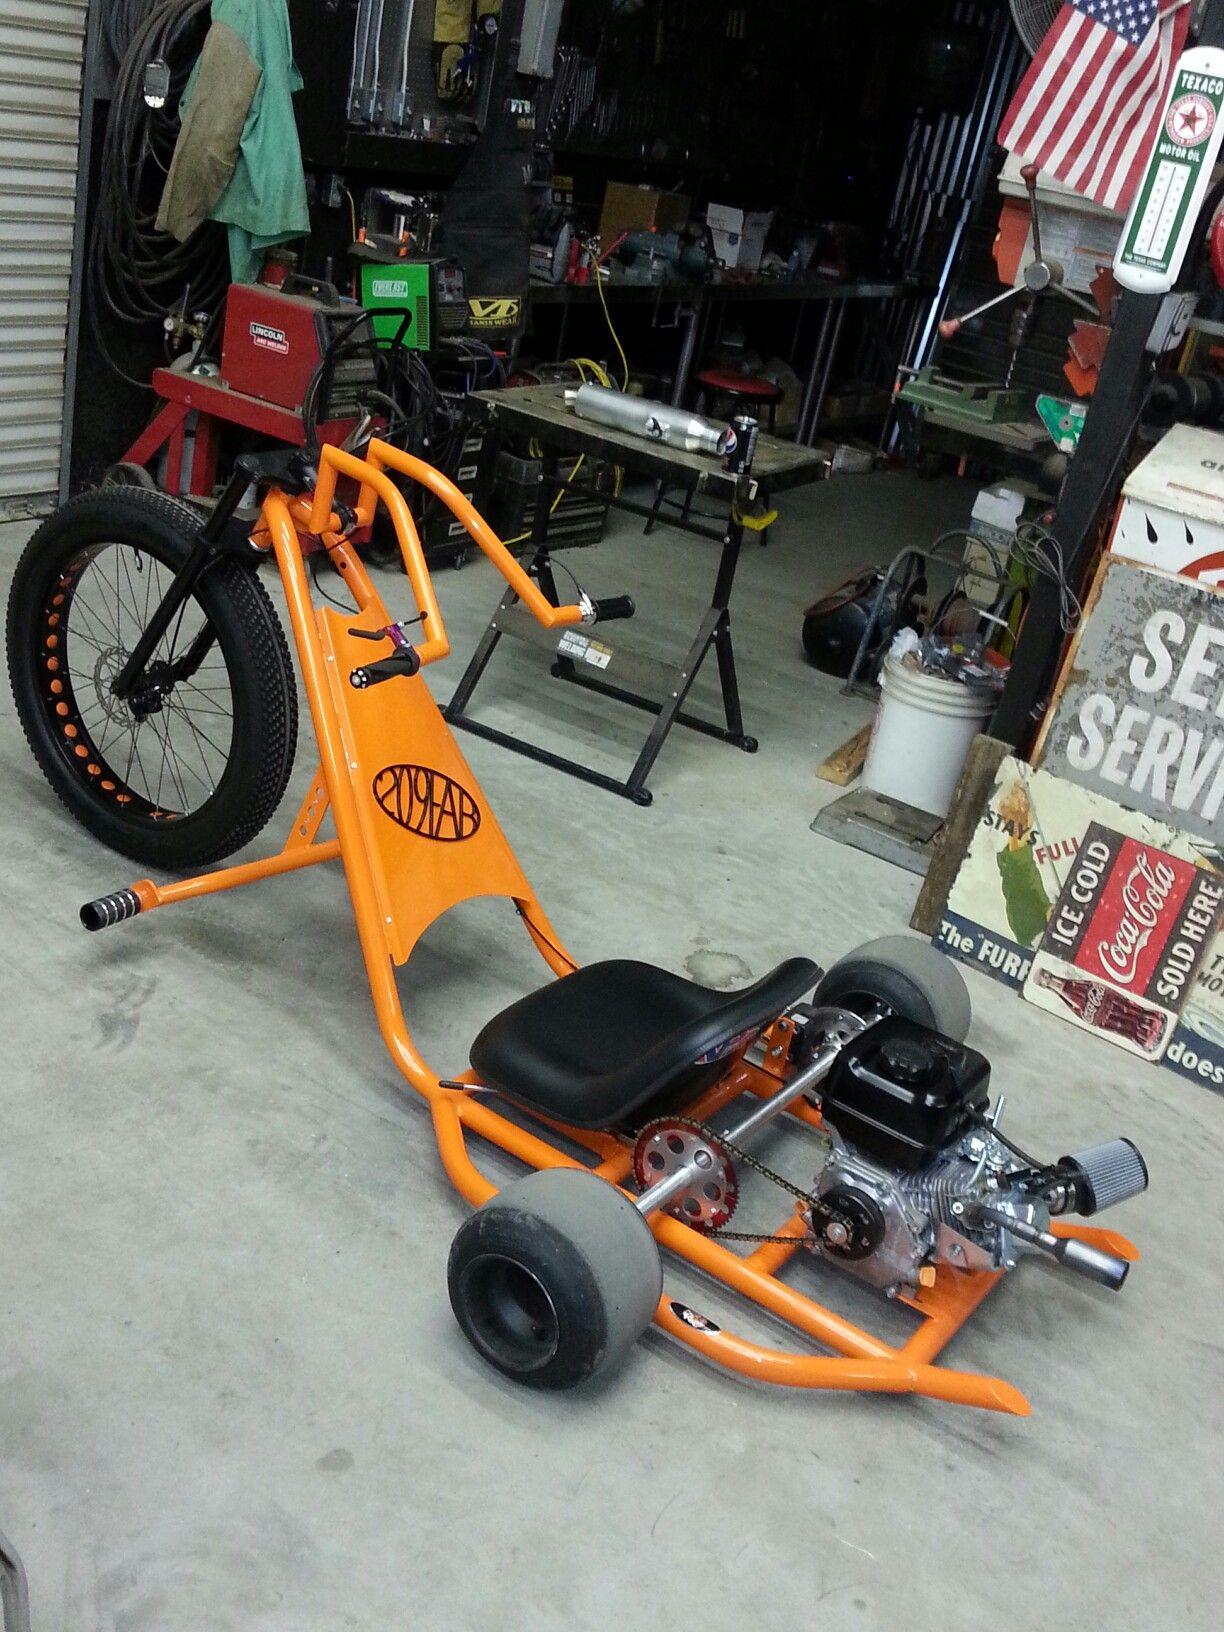 Drift Trike Drift Trike Trike Motorcycle Drift Trike Motorized